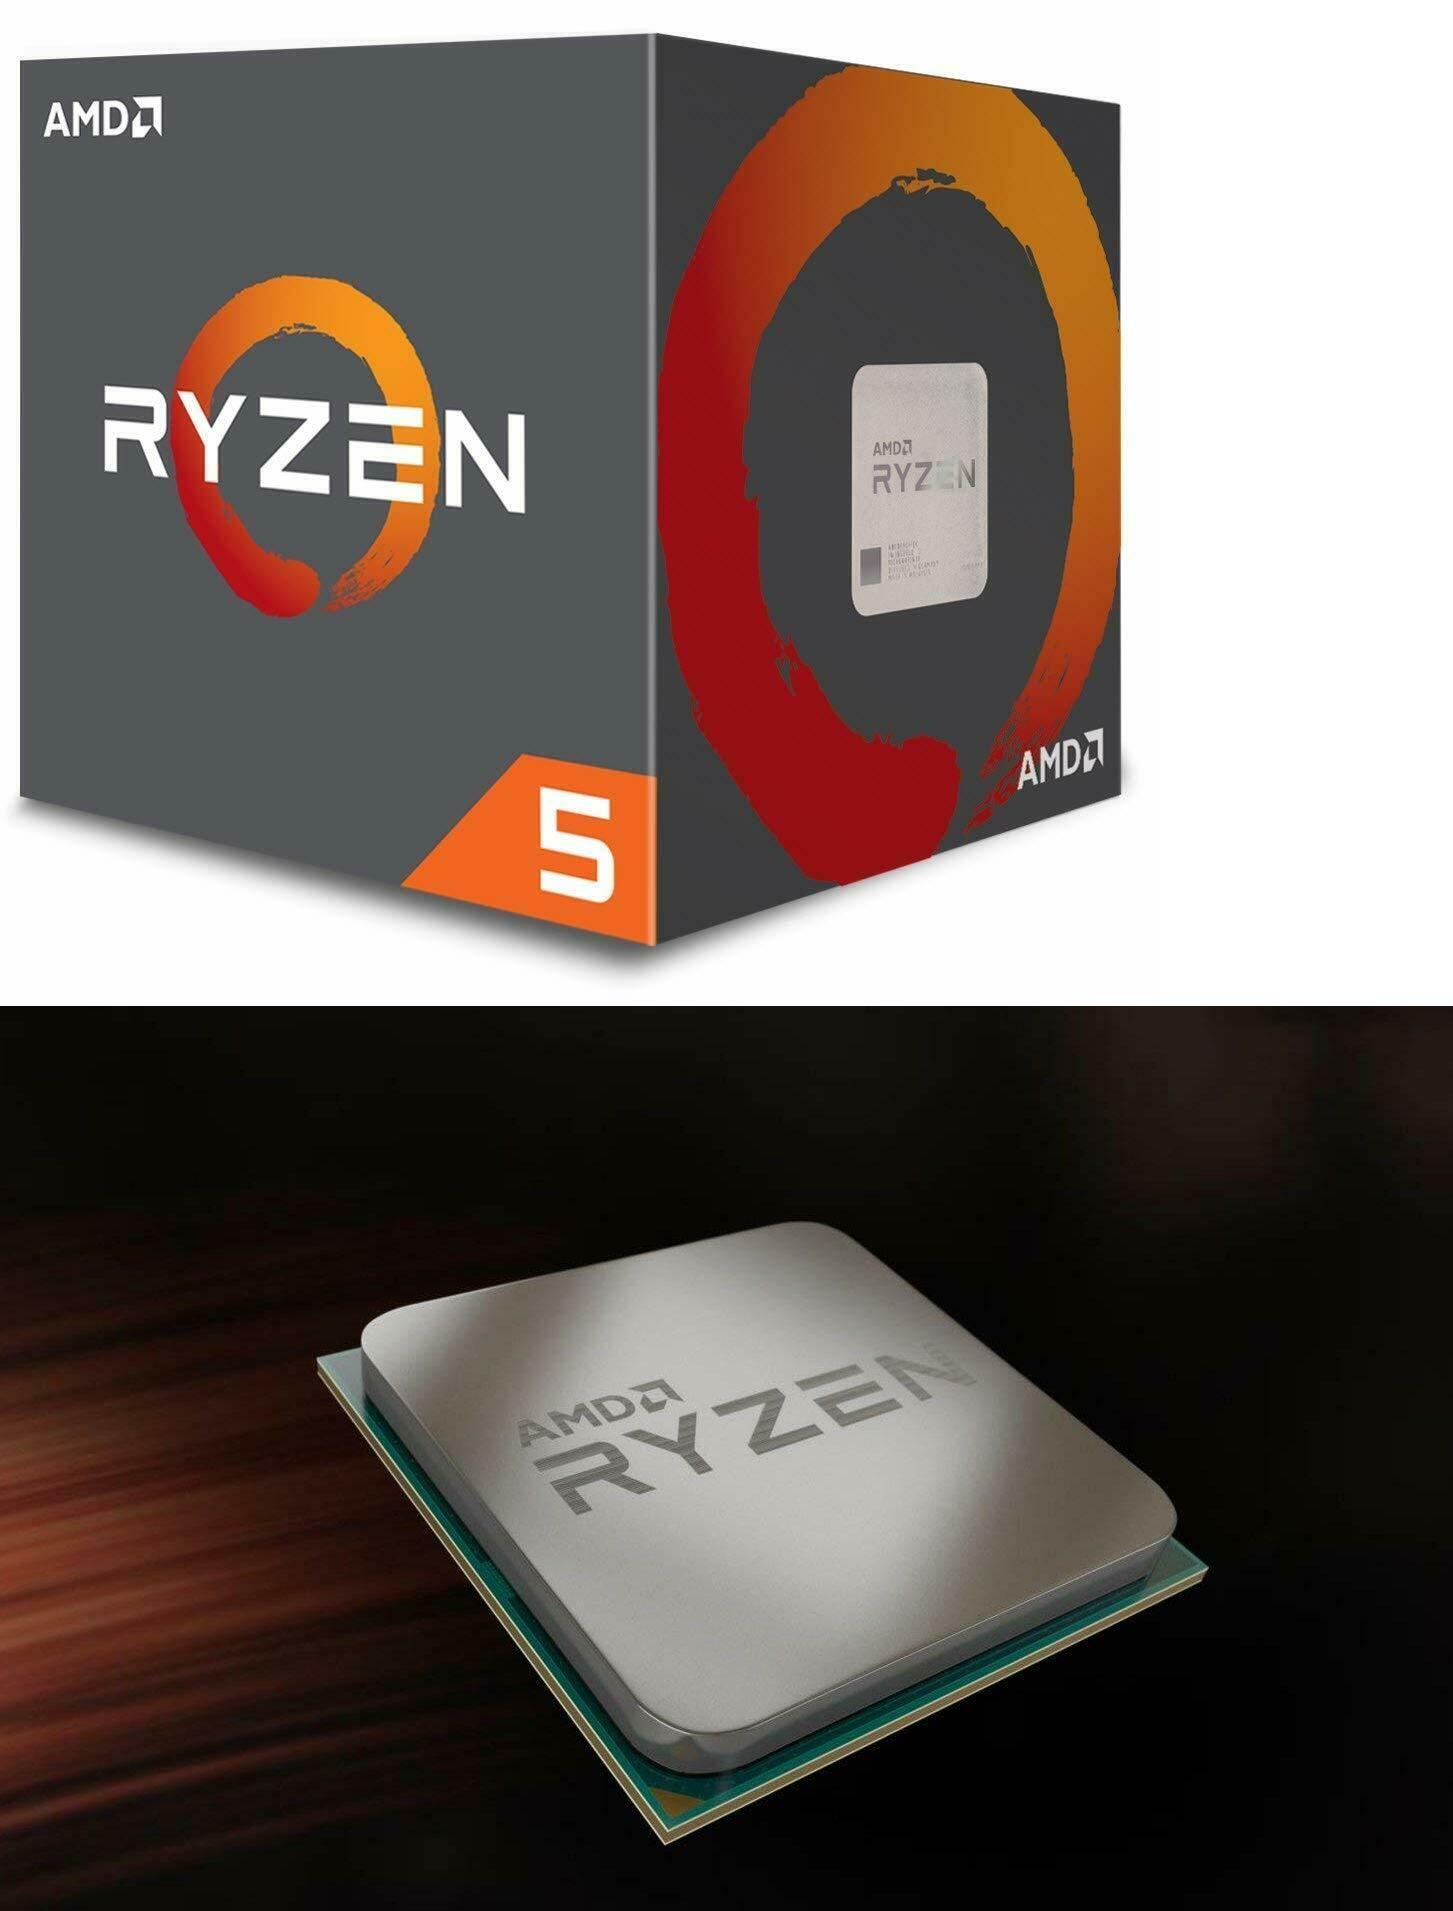 AMD RY ZEN 7 2700X 8-Core 3 7GHz 16MB Socket AM4 105W